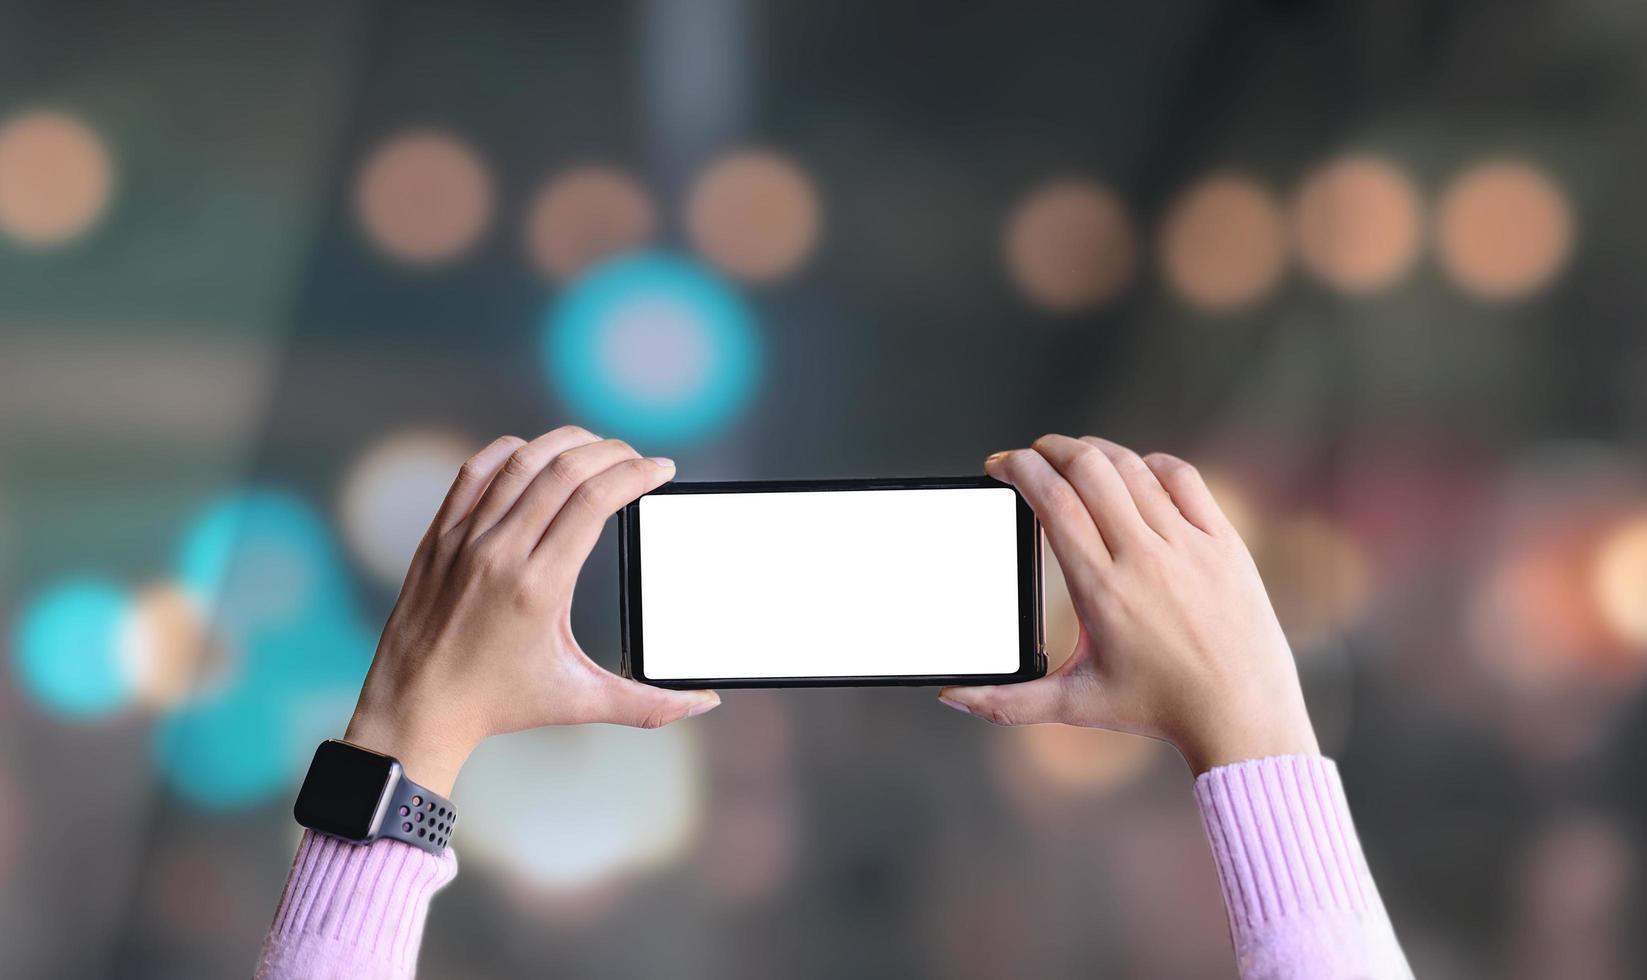 vrouwelijke handen met slimme telefoon foto